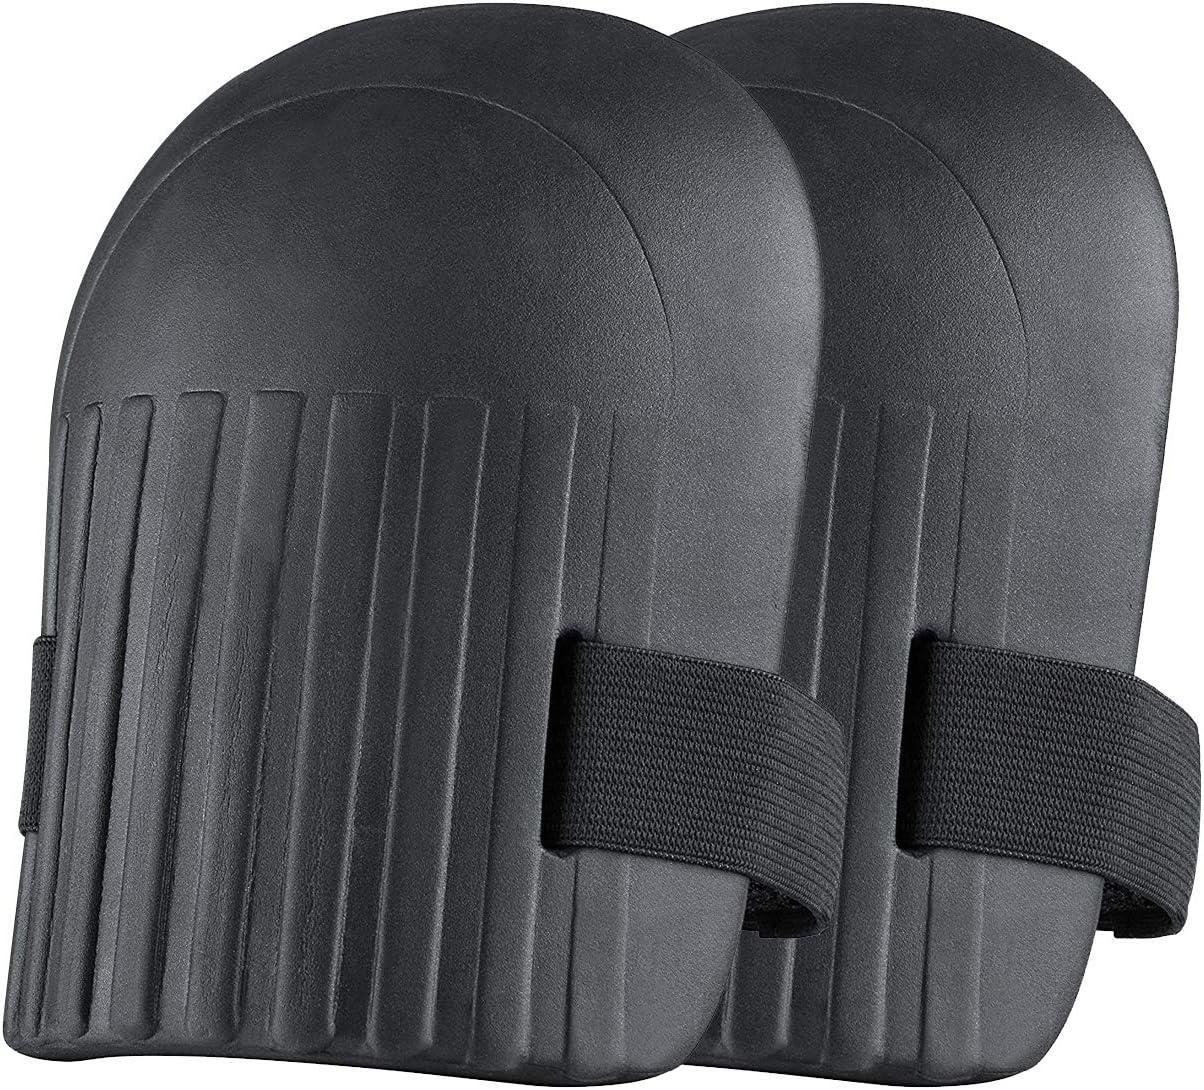 chair cushion for posture ekenasfiber johnhenriksson se u2022 rh ekenasfiber johnhenriksson se